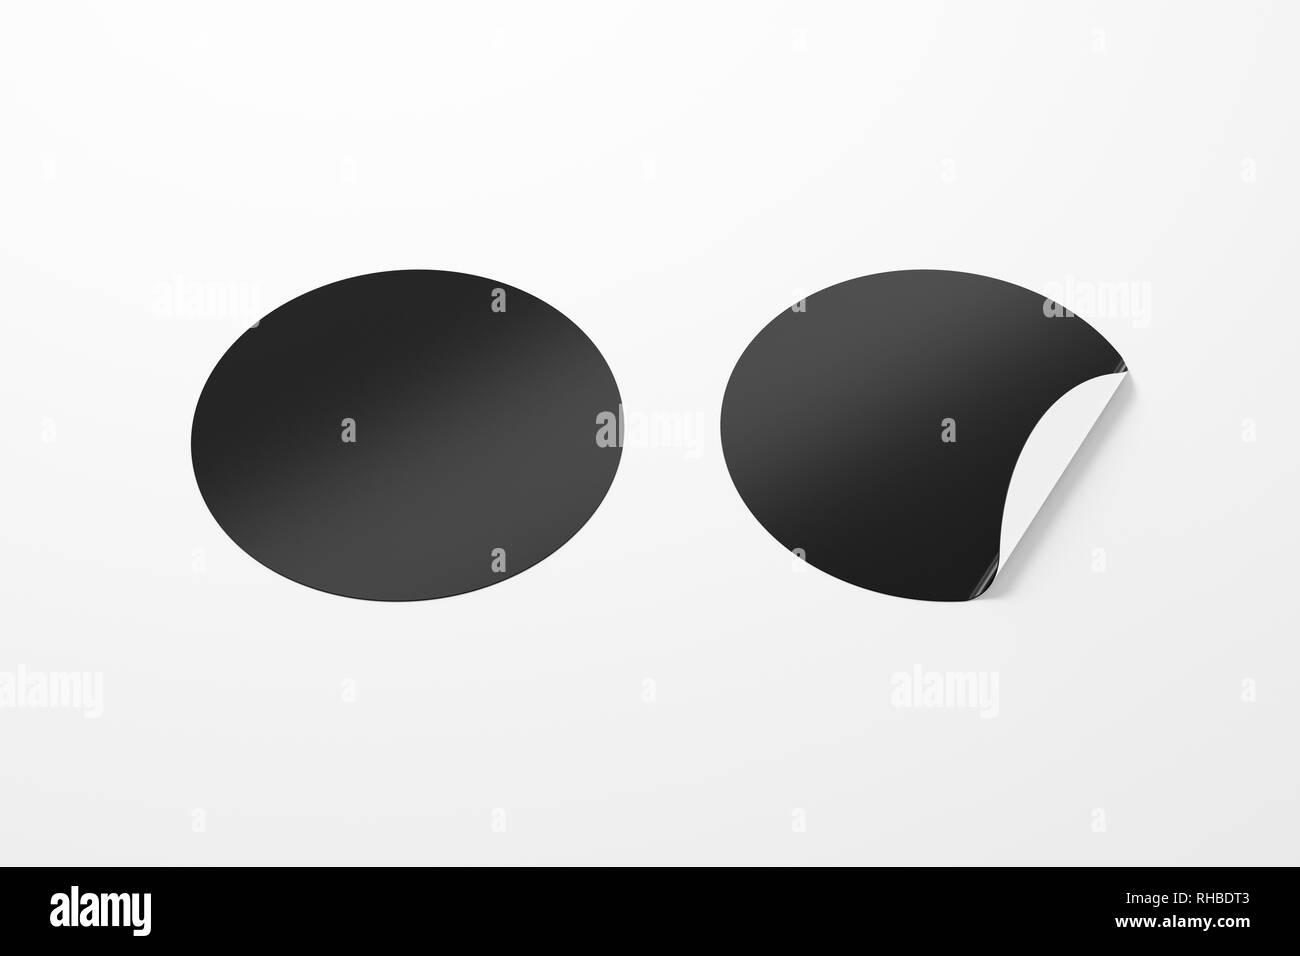 Bianco Nero Tondo Stickers Raddrizzato E Con Angolo Piegato Su